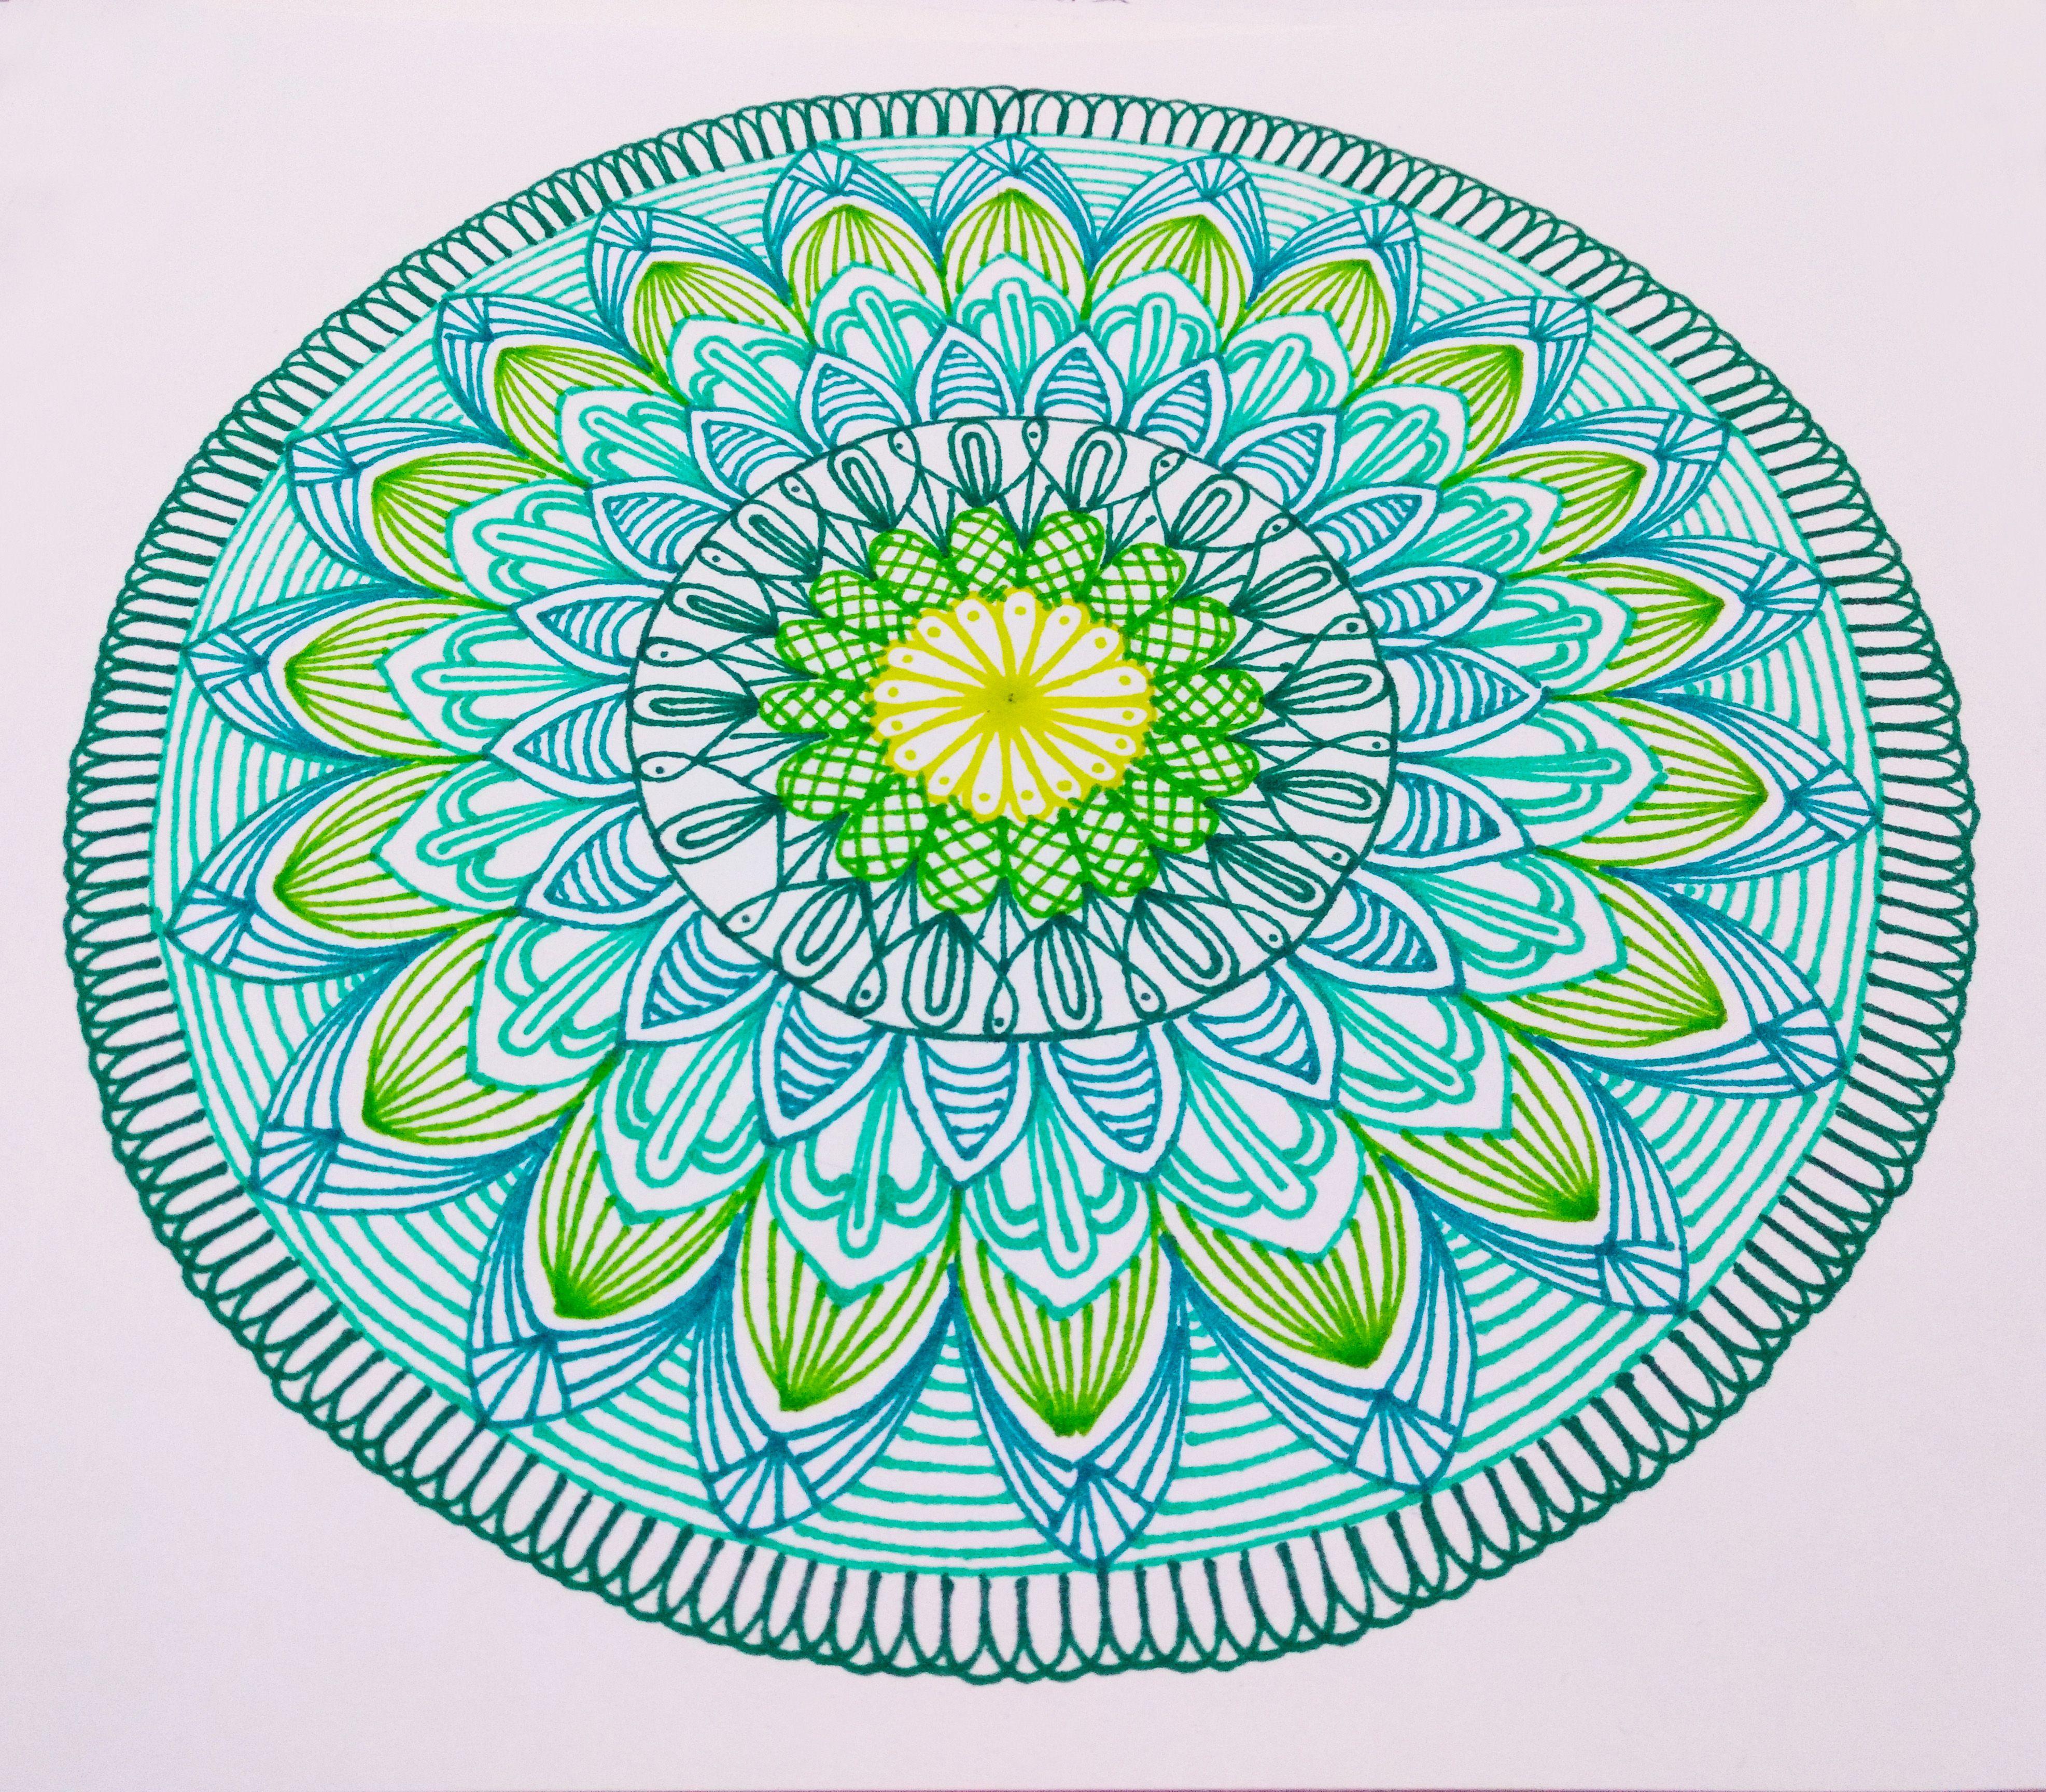 Mandalas De Colores Hechos Con Marcadores Sharpie De Punto Fino Mandalas De Colores Dibujos Galaxia Dibujo